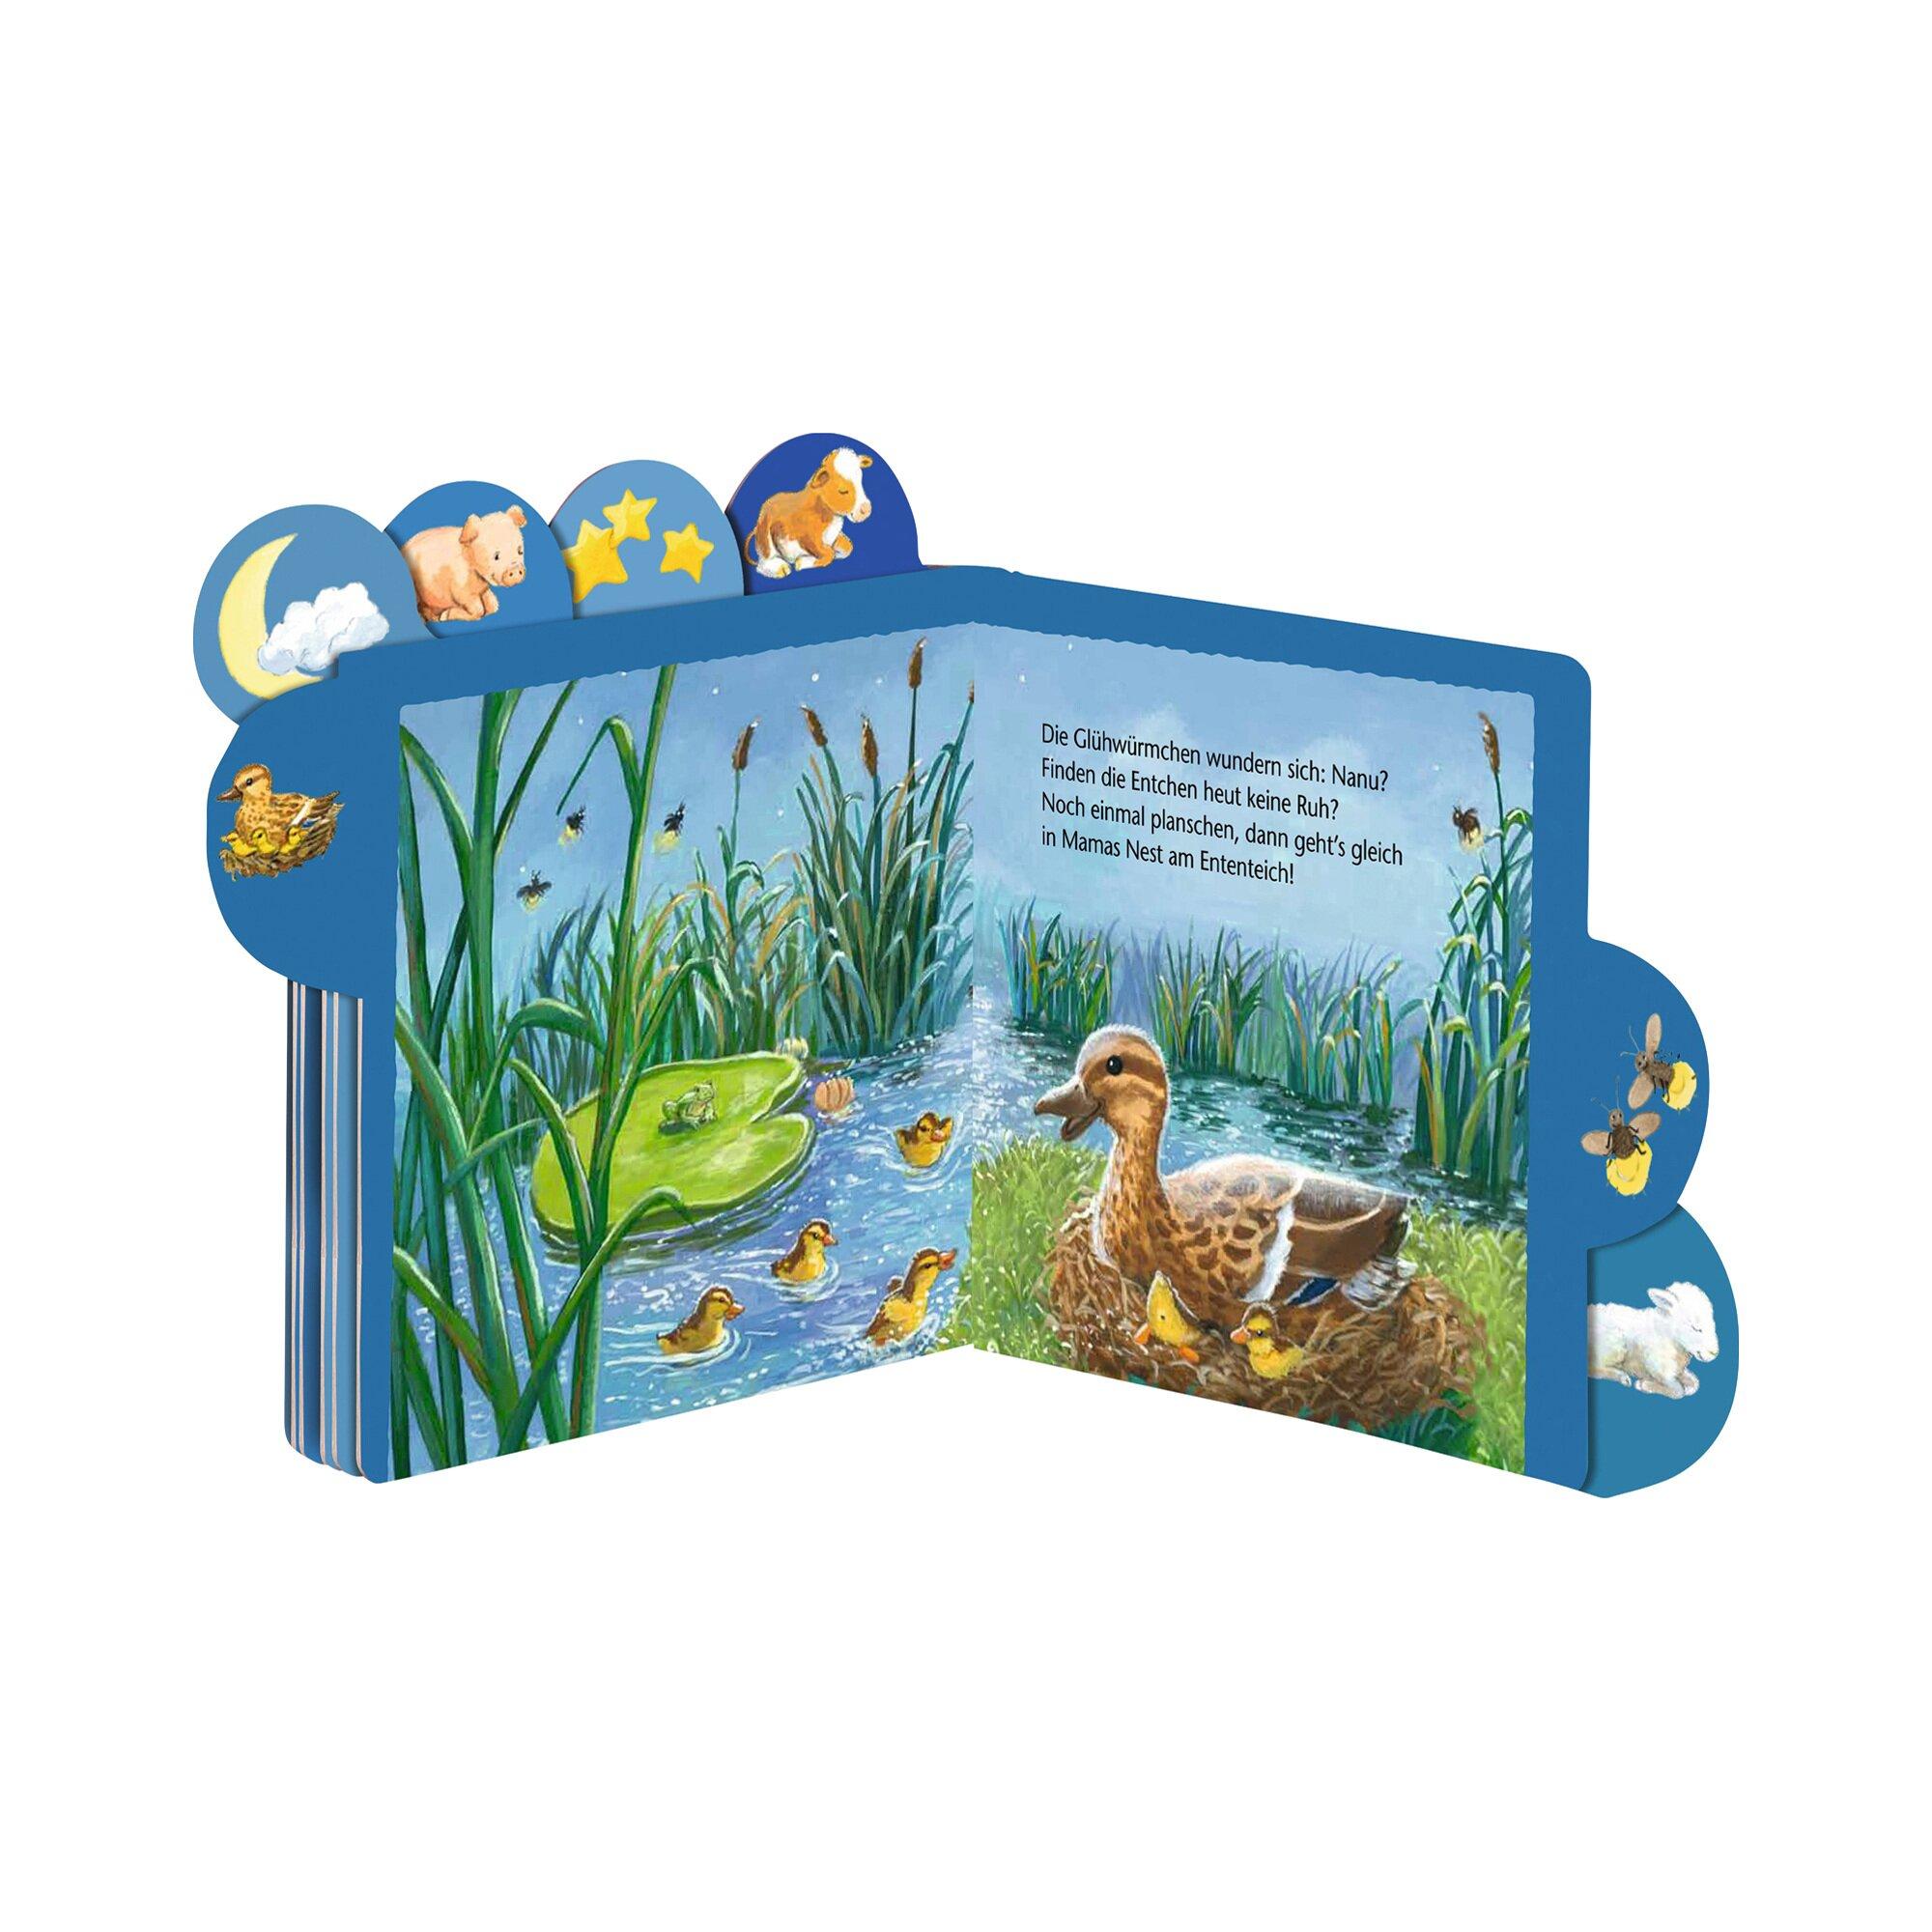 ministeps-pappbilderbuch-abends-wenn-kleine-tiere-schlafen-gehen